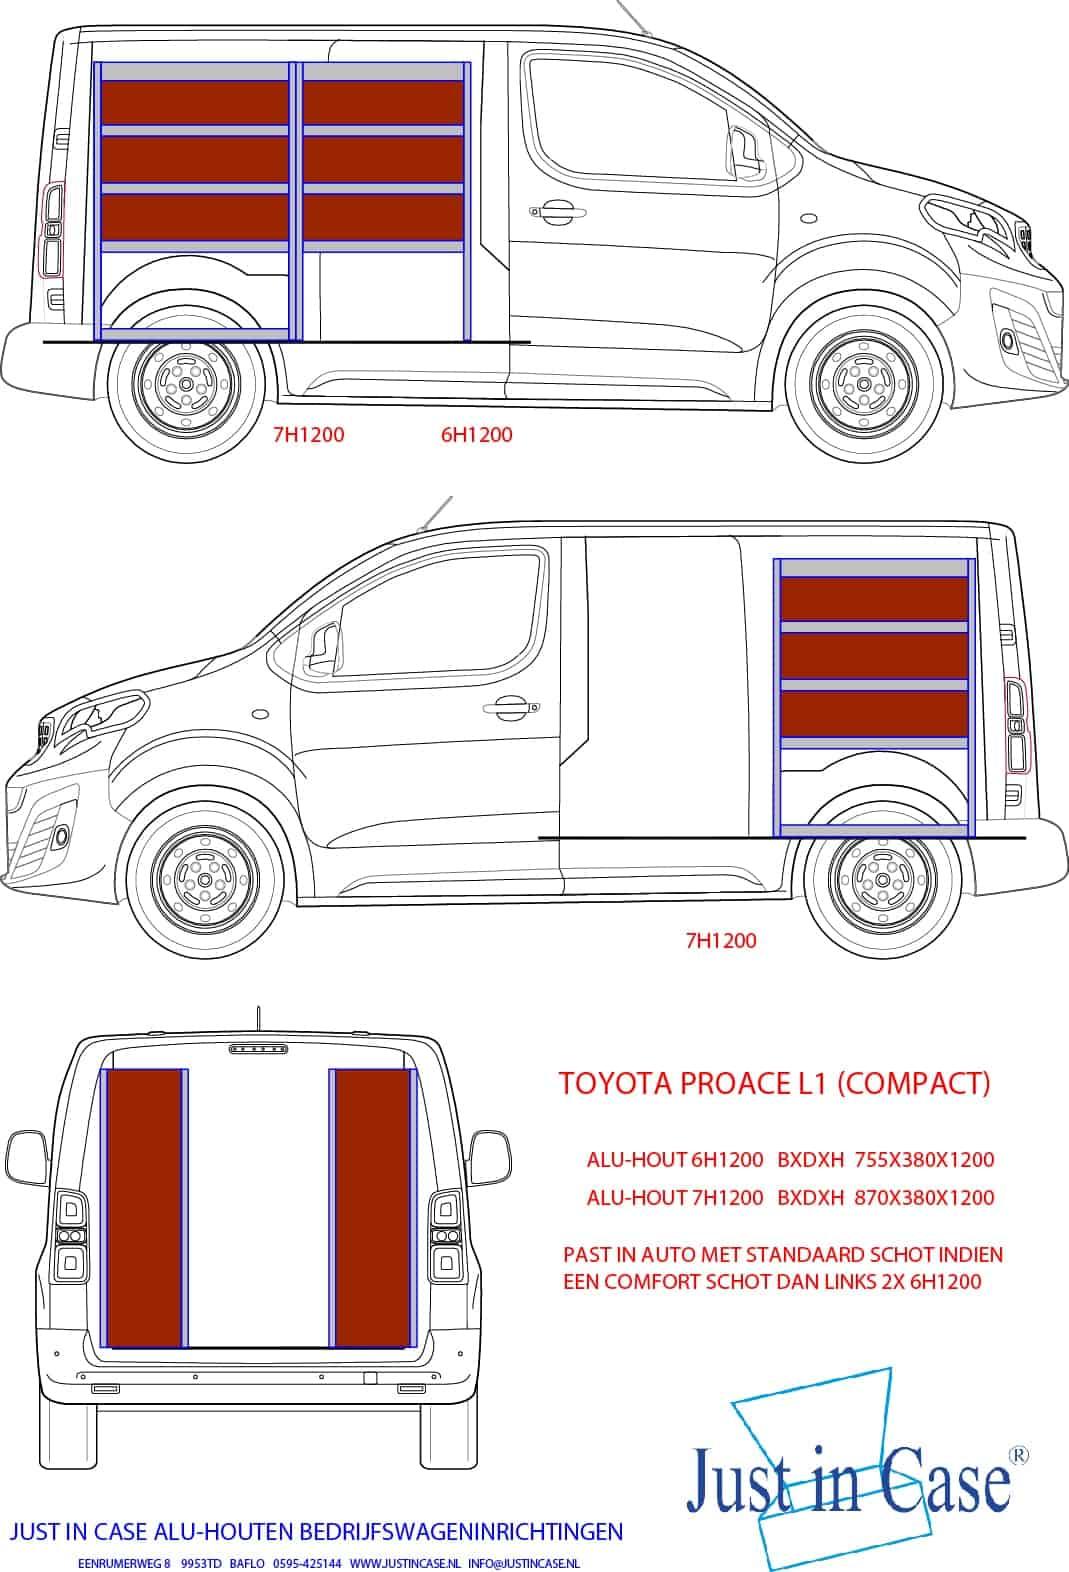 Toyota Pro ACE (Compact) Bedrijfswageninrichting schets